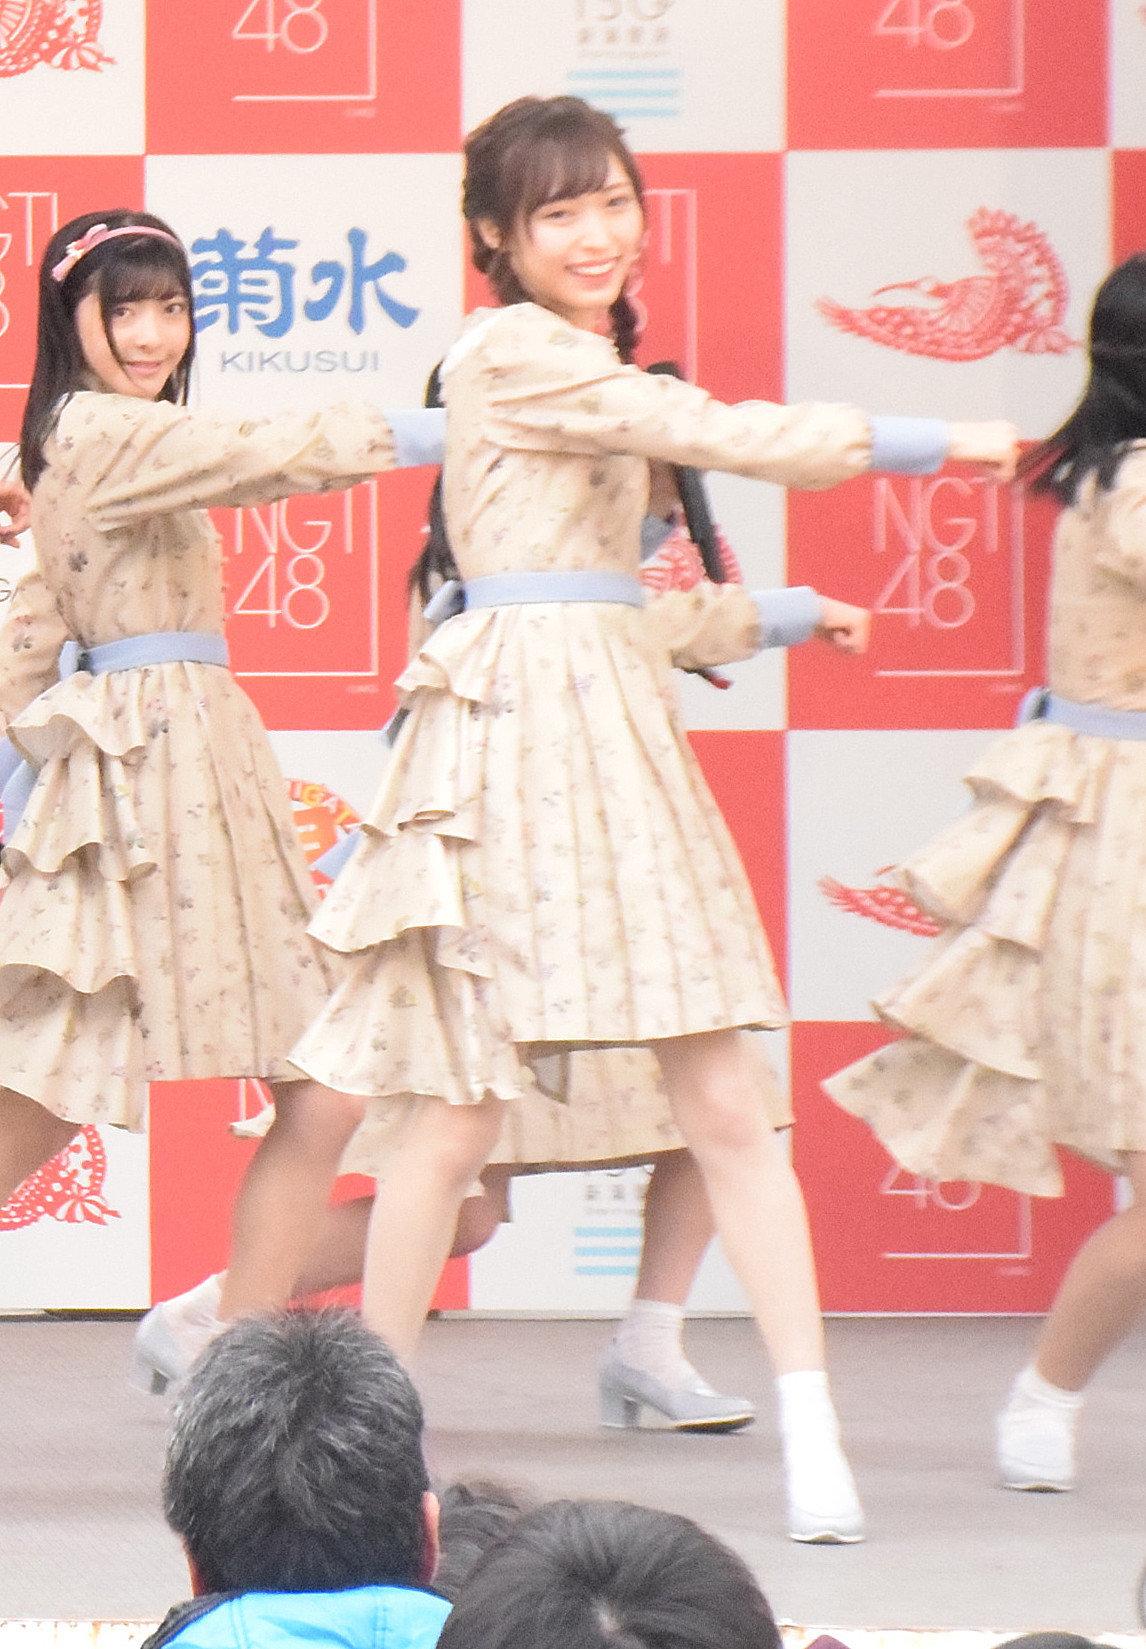 山口真帆さん「アイドルは辞めてしまうけど…」Twitterで思いつづる 「強く優しい女性になりたい」